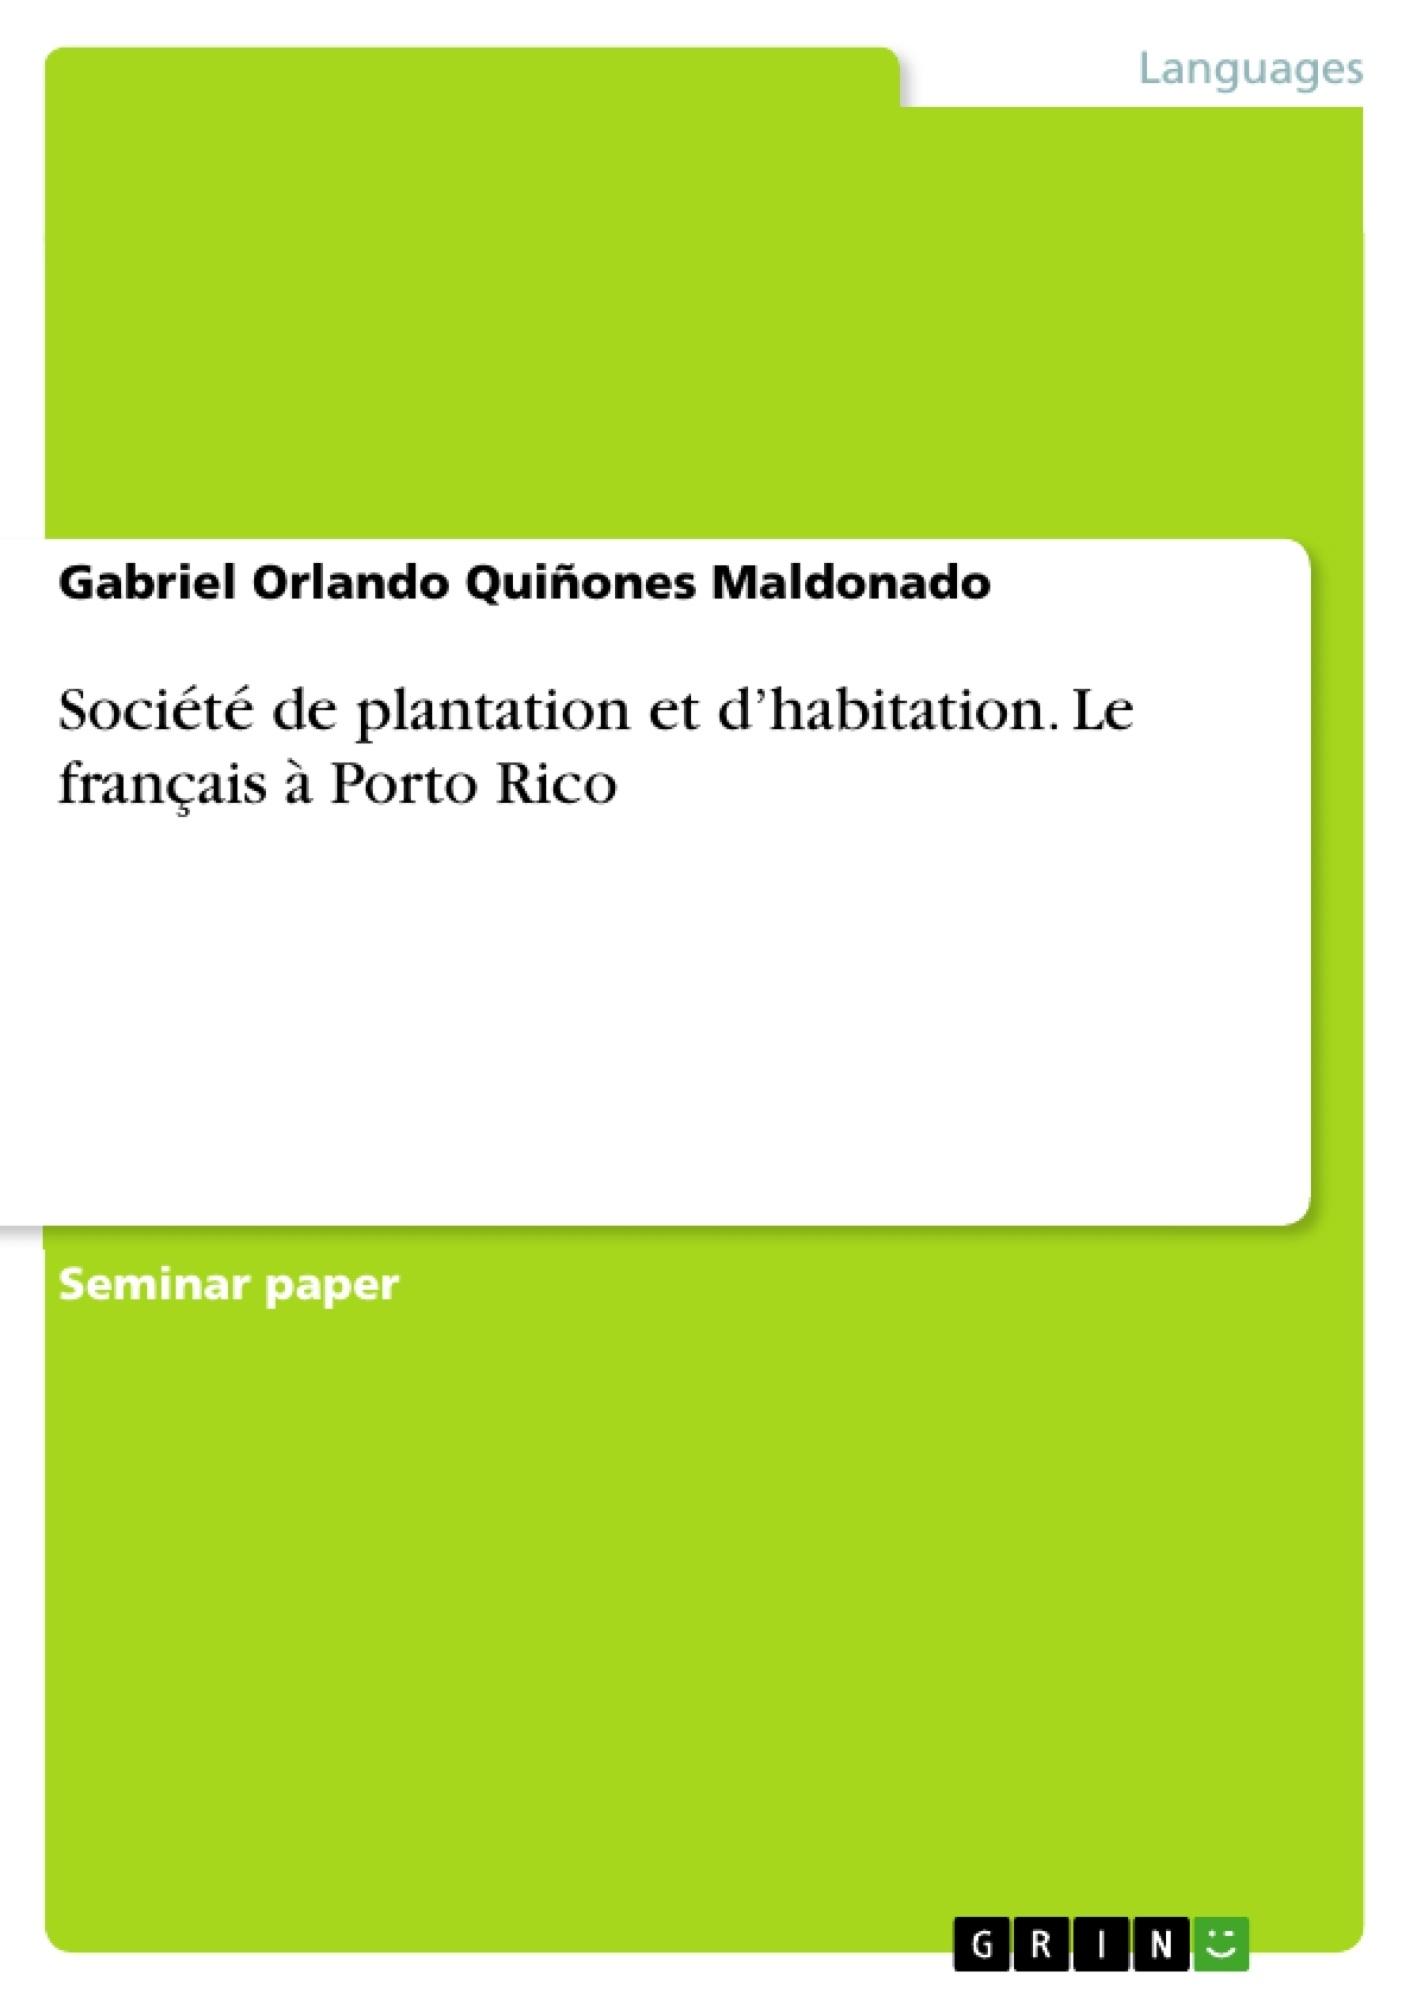 Titre: Société de plantation et d'habitation. Le français à Porto Rico